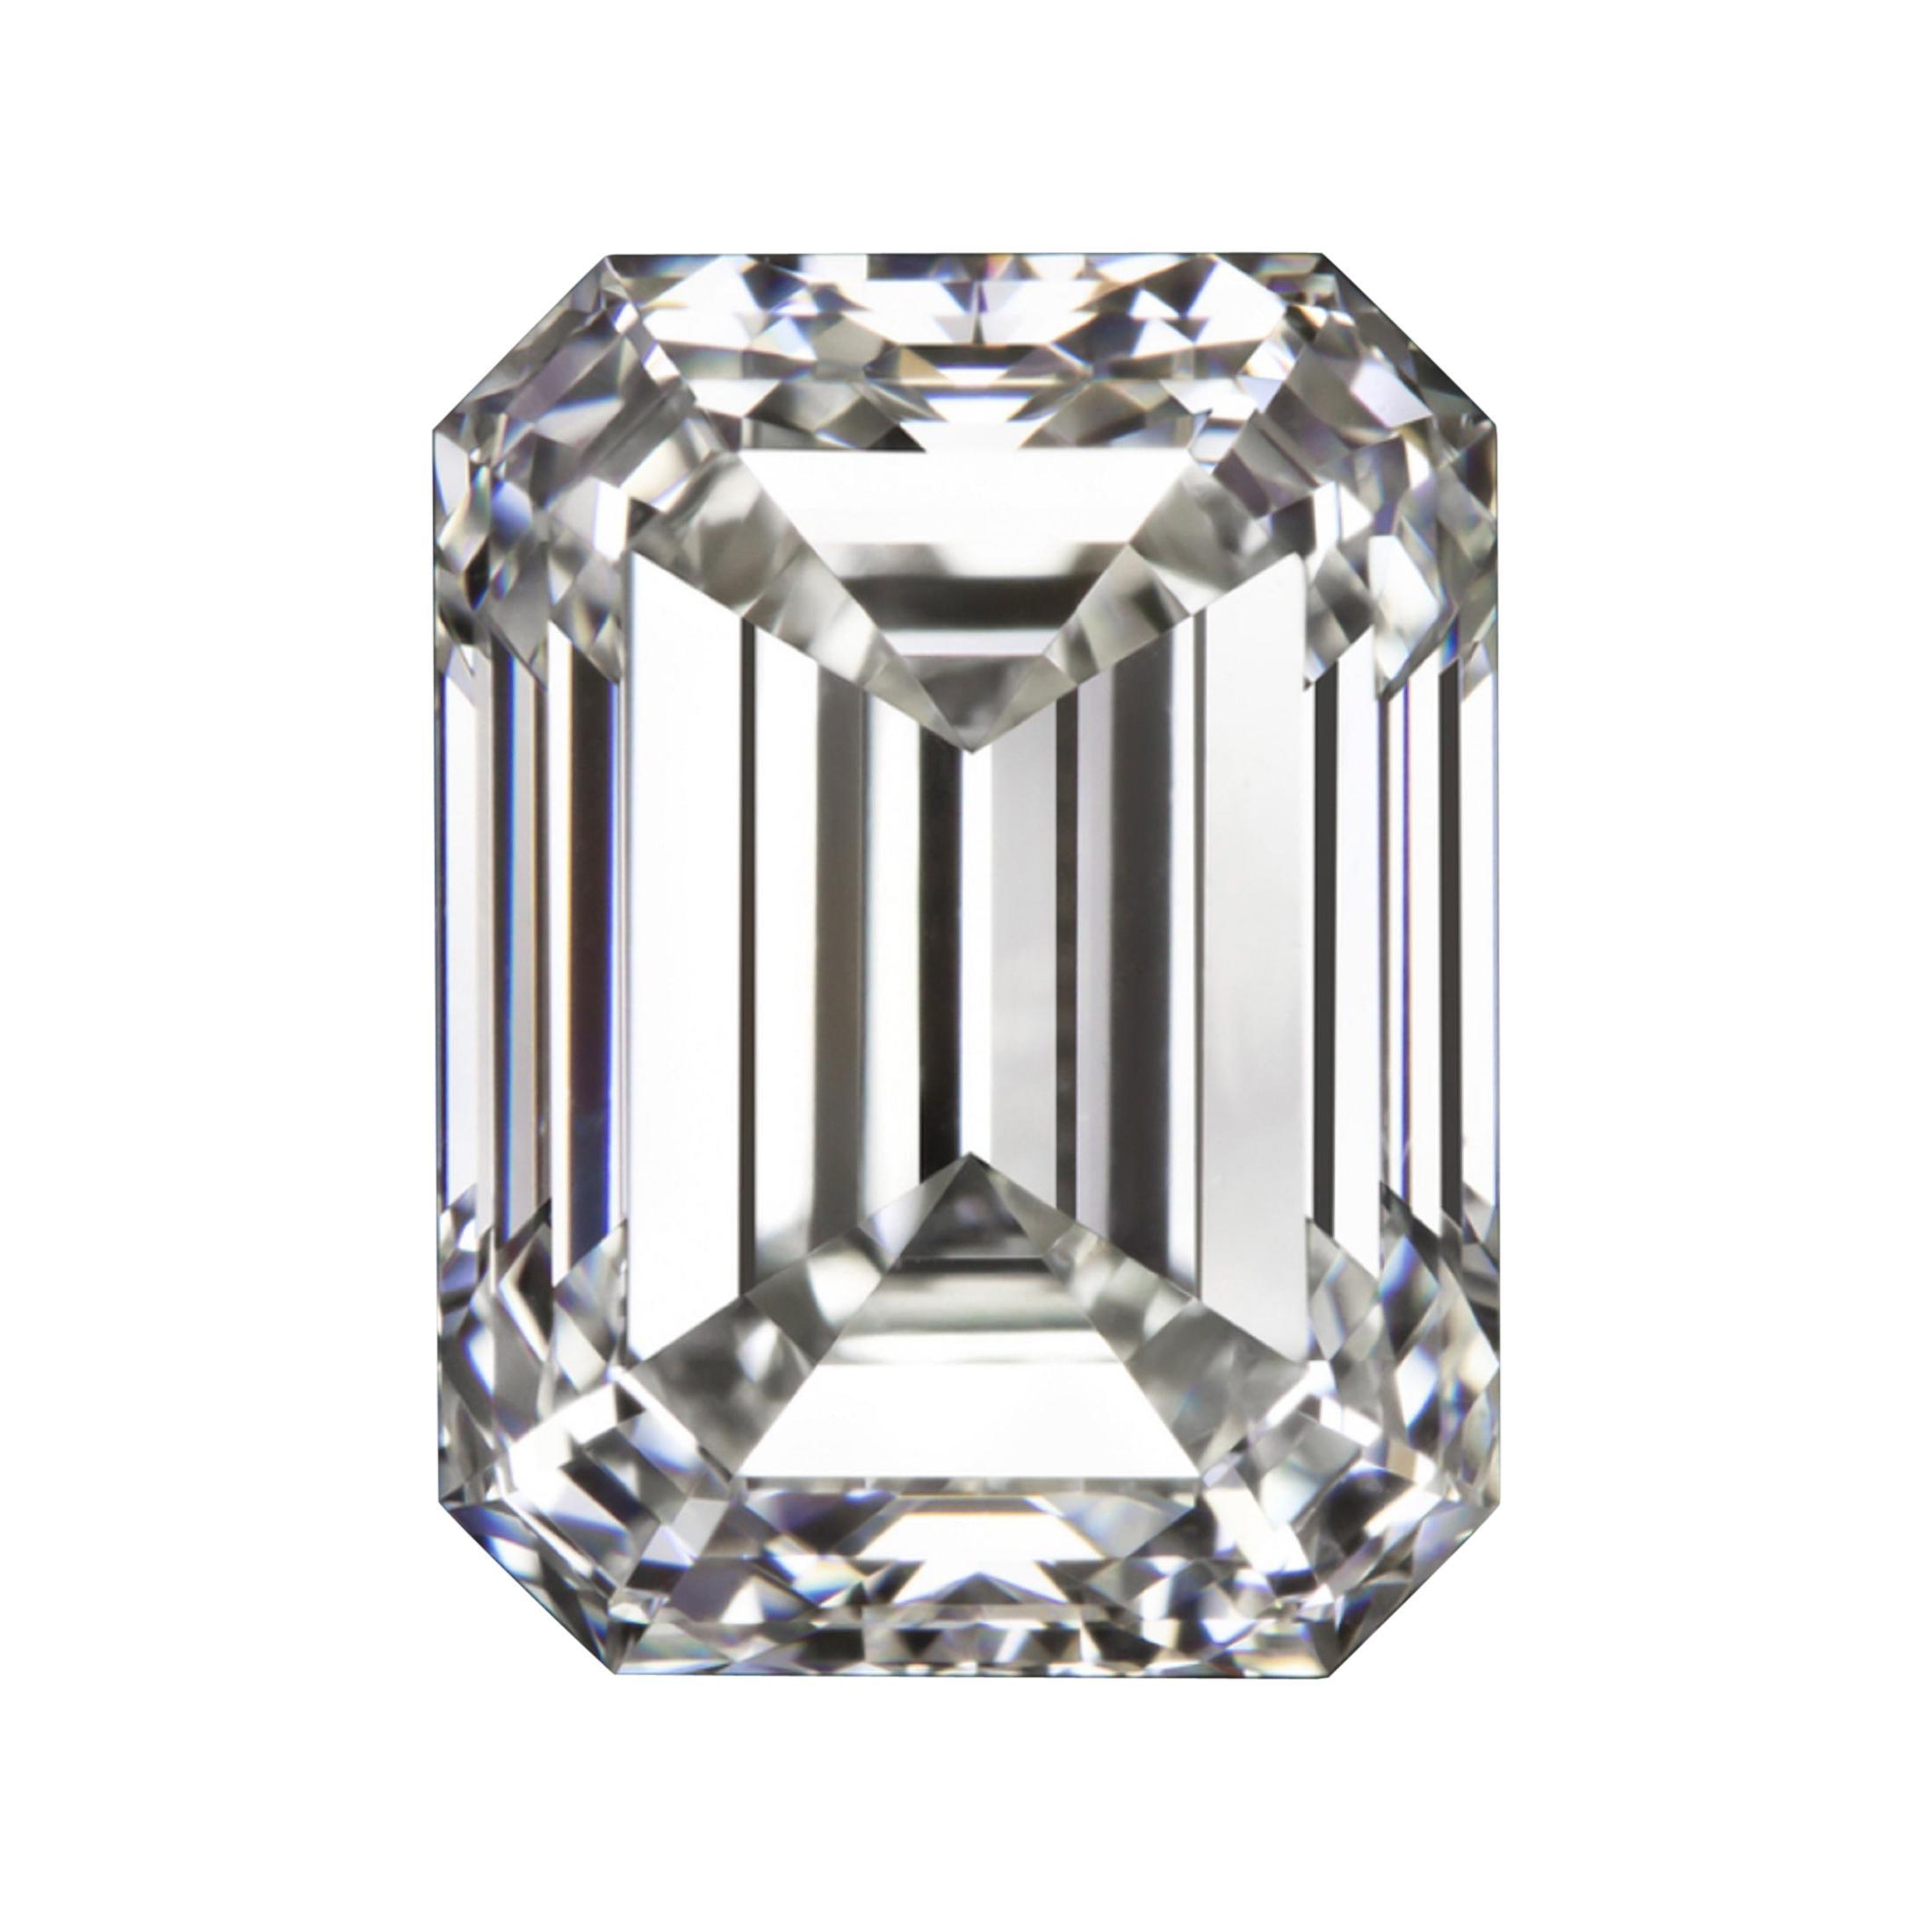 IGI Certified 2.54 Carat Emerald Cut Diamond